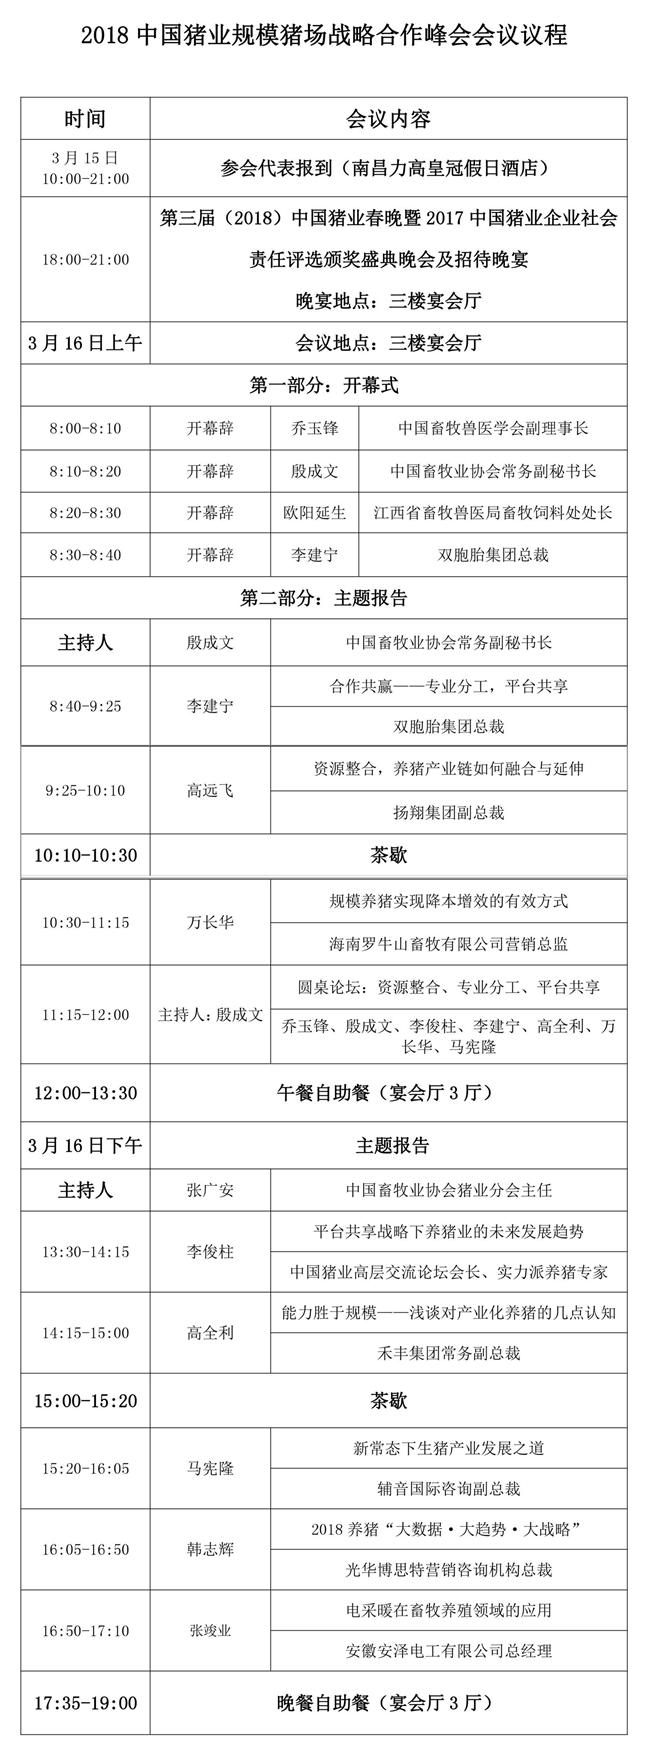 关于2018中国猪业规模猪场战略合作峰会会议日程通知